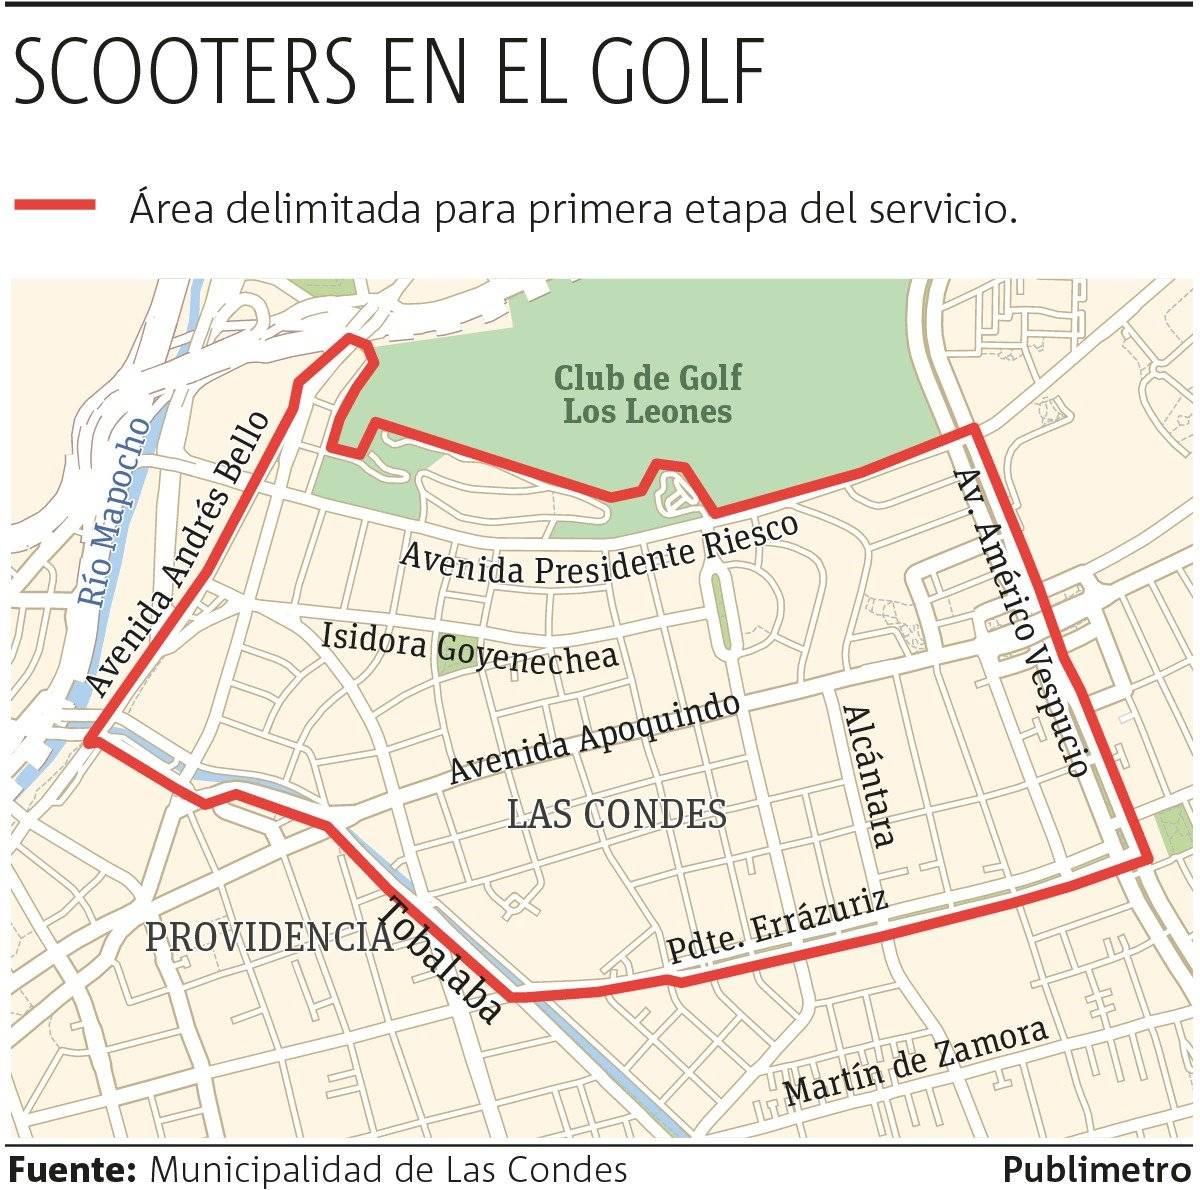 Infografía scooters en El Golf